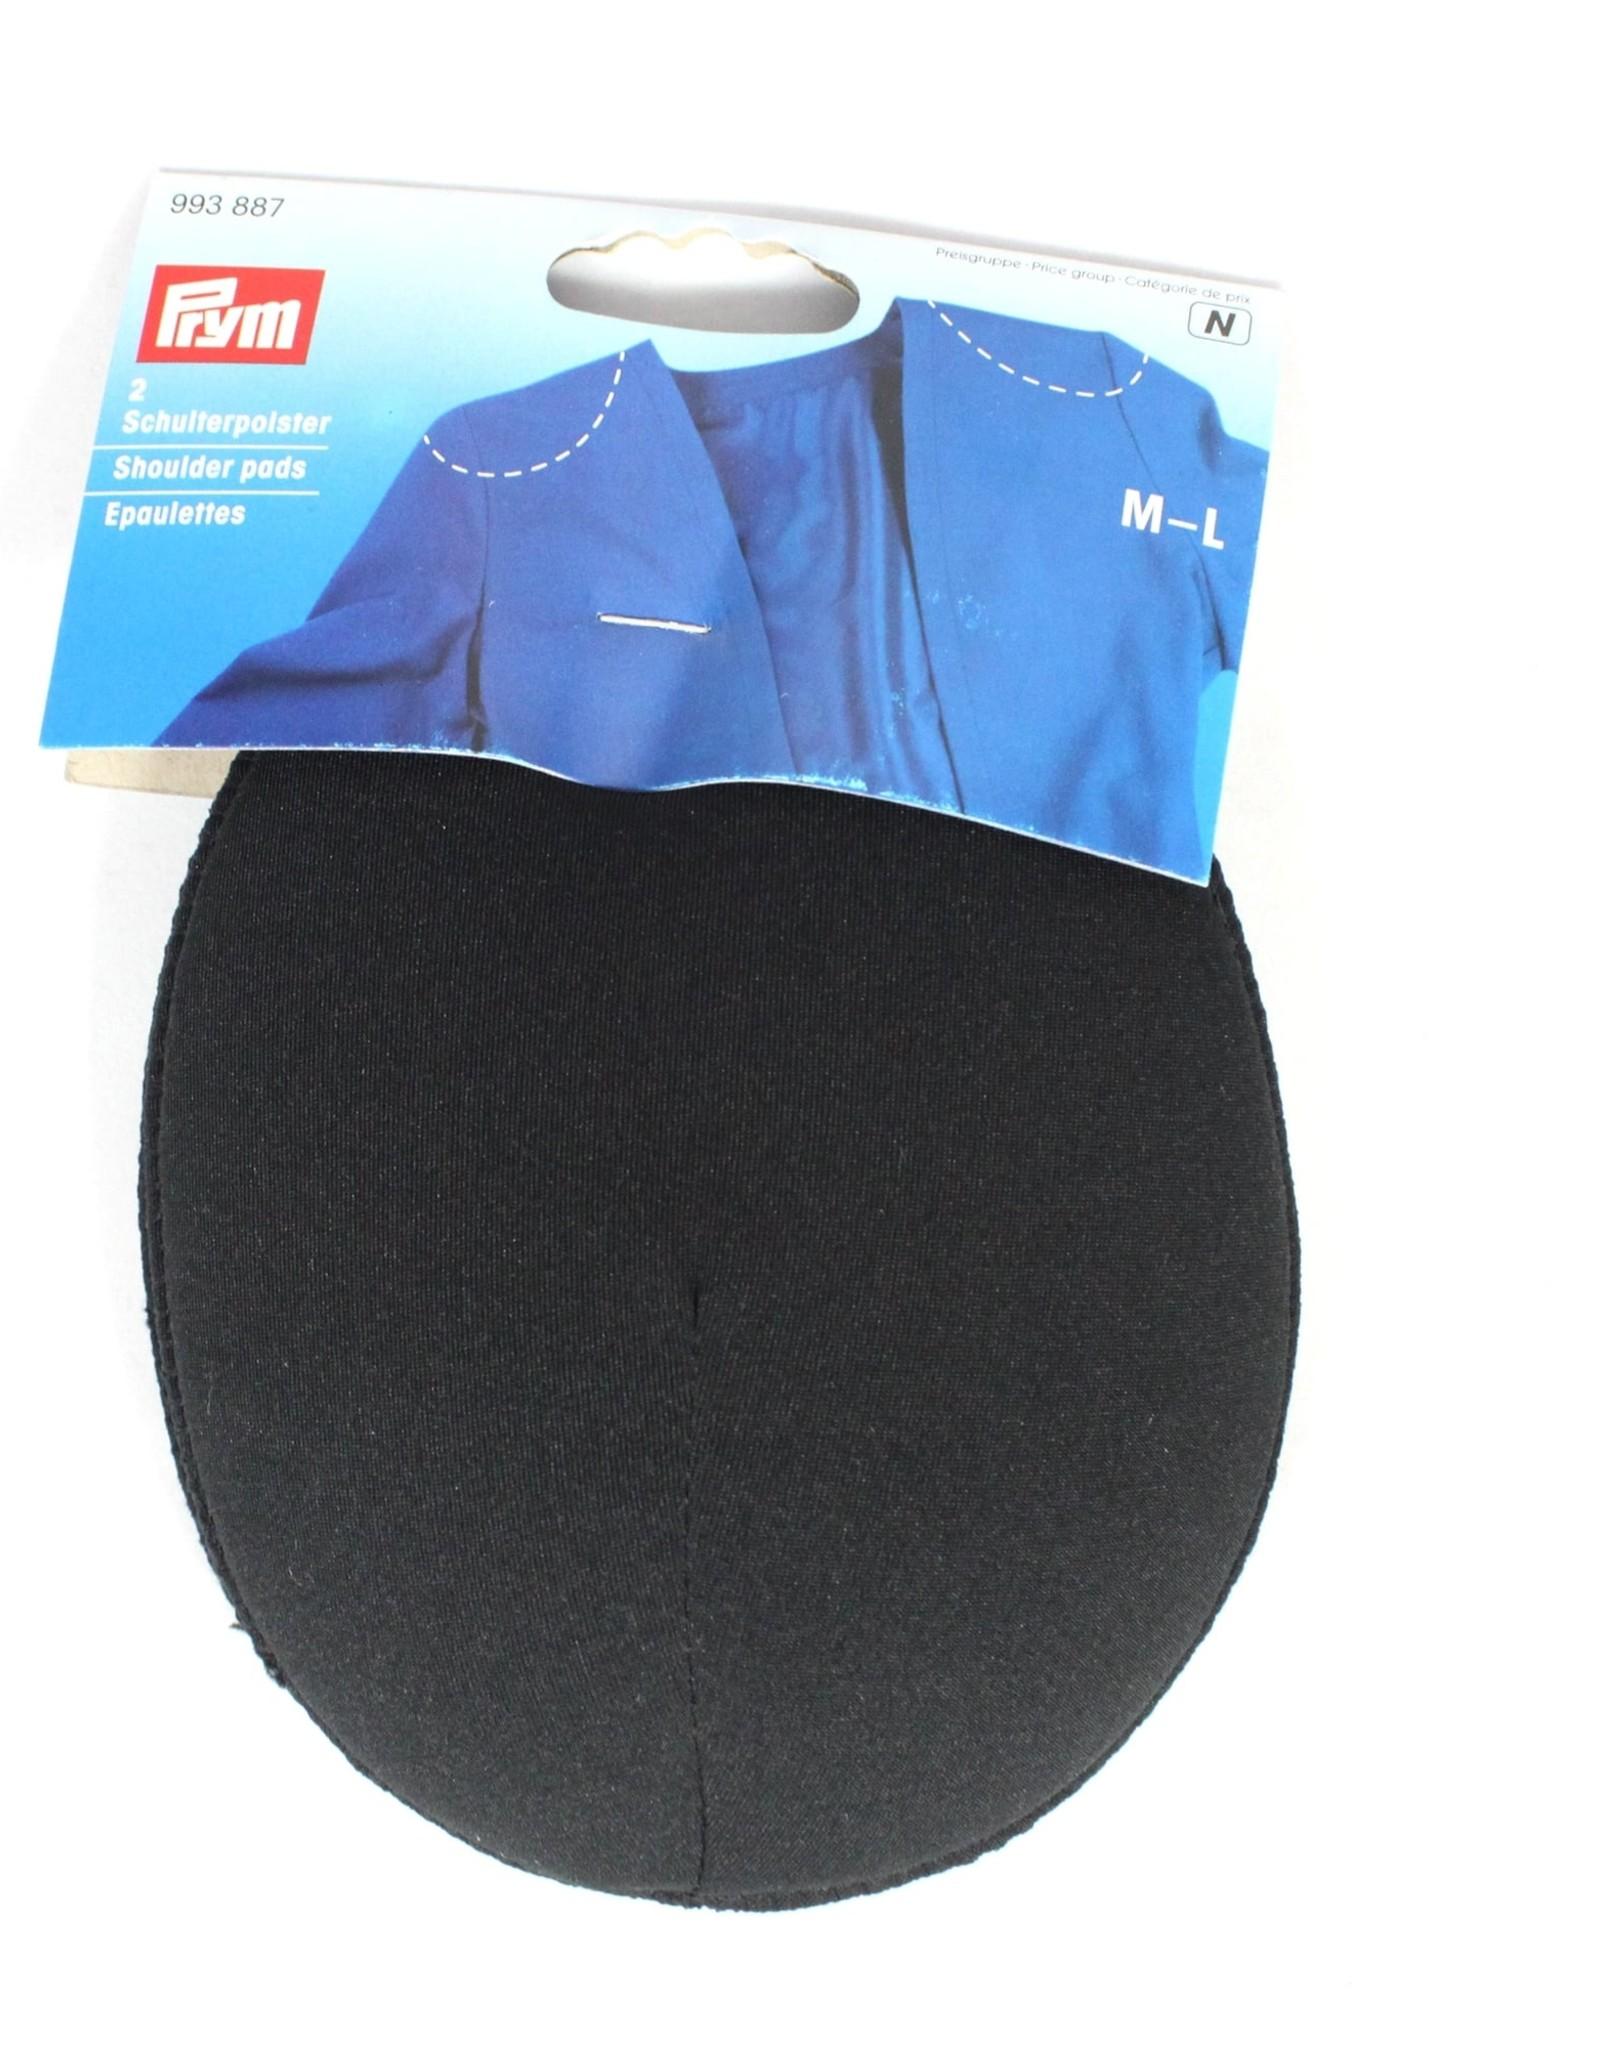 Prym Prym -  schoudervullingen M-L zwart - 993 887